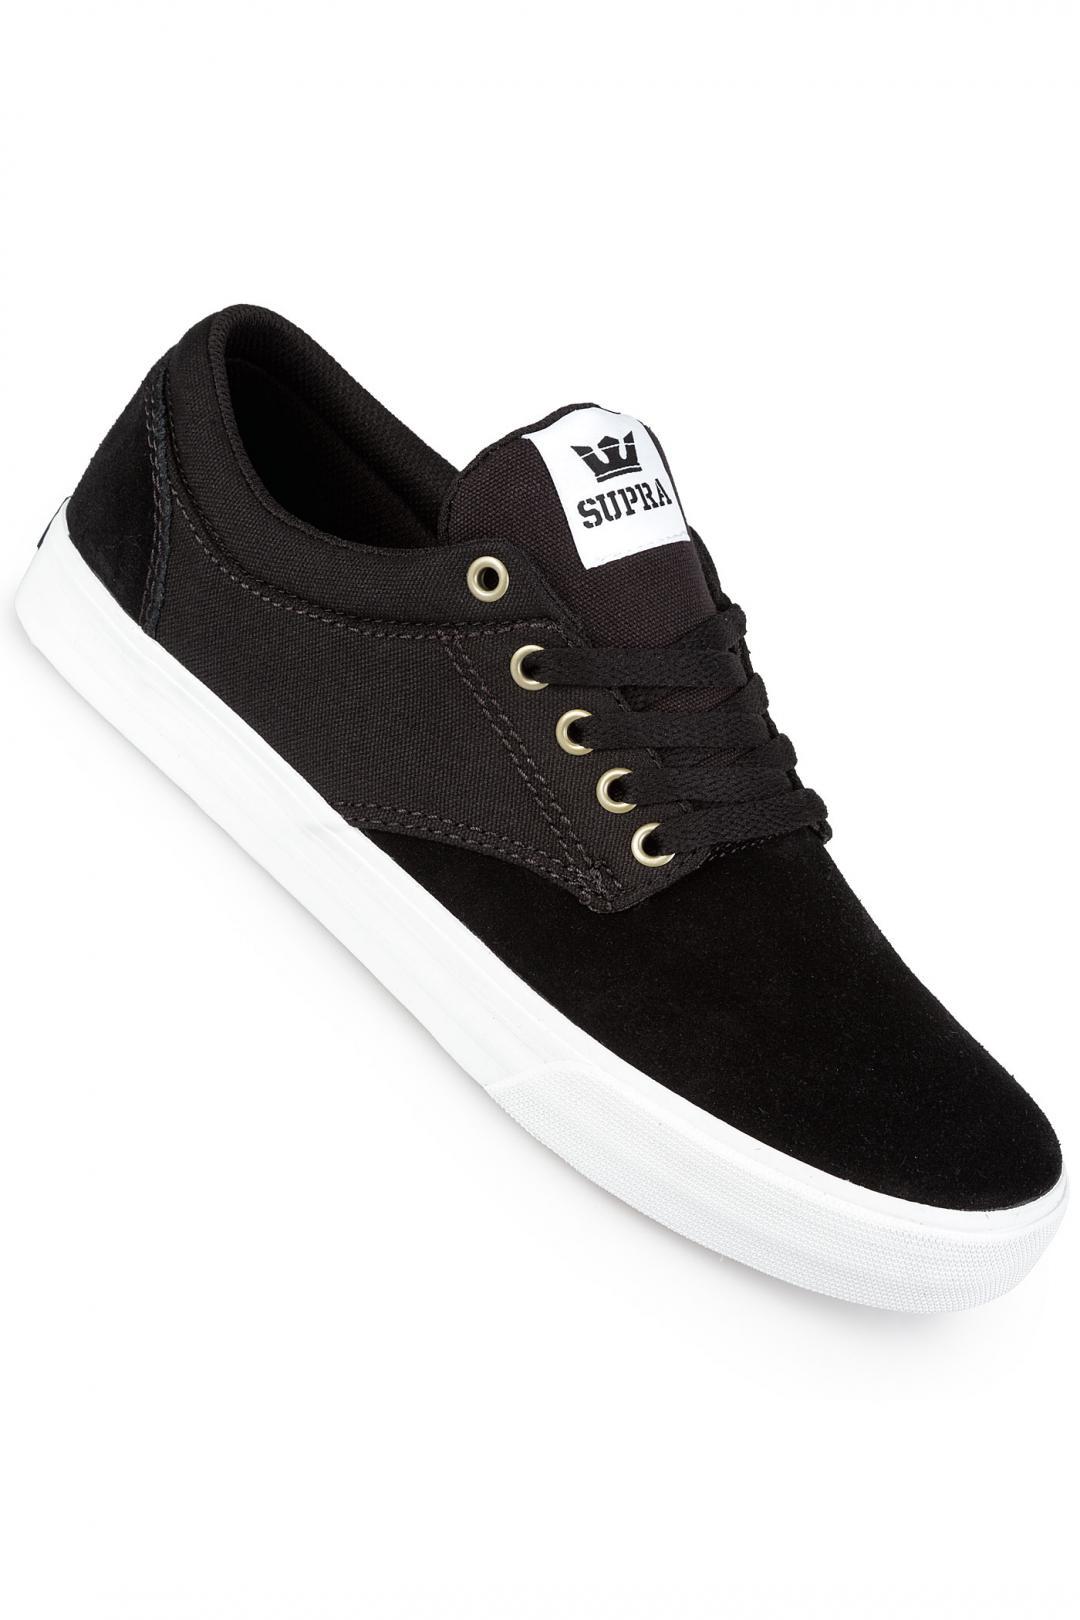 Uomo Supra Chino black white white | Sneakers low top